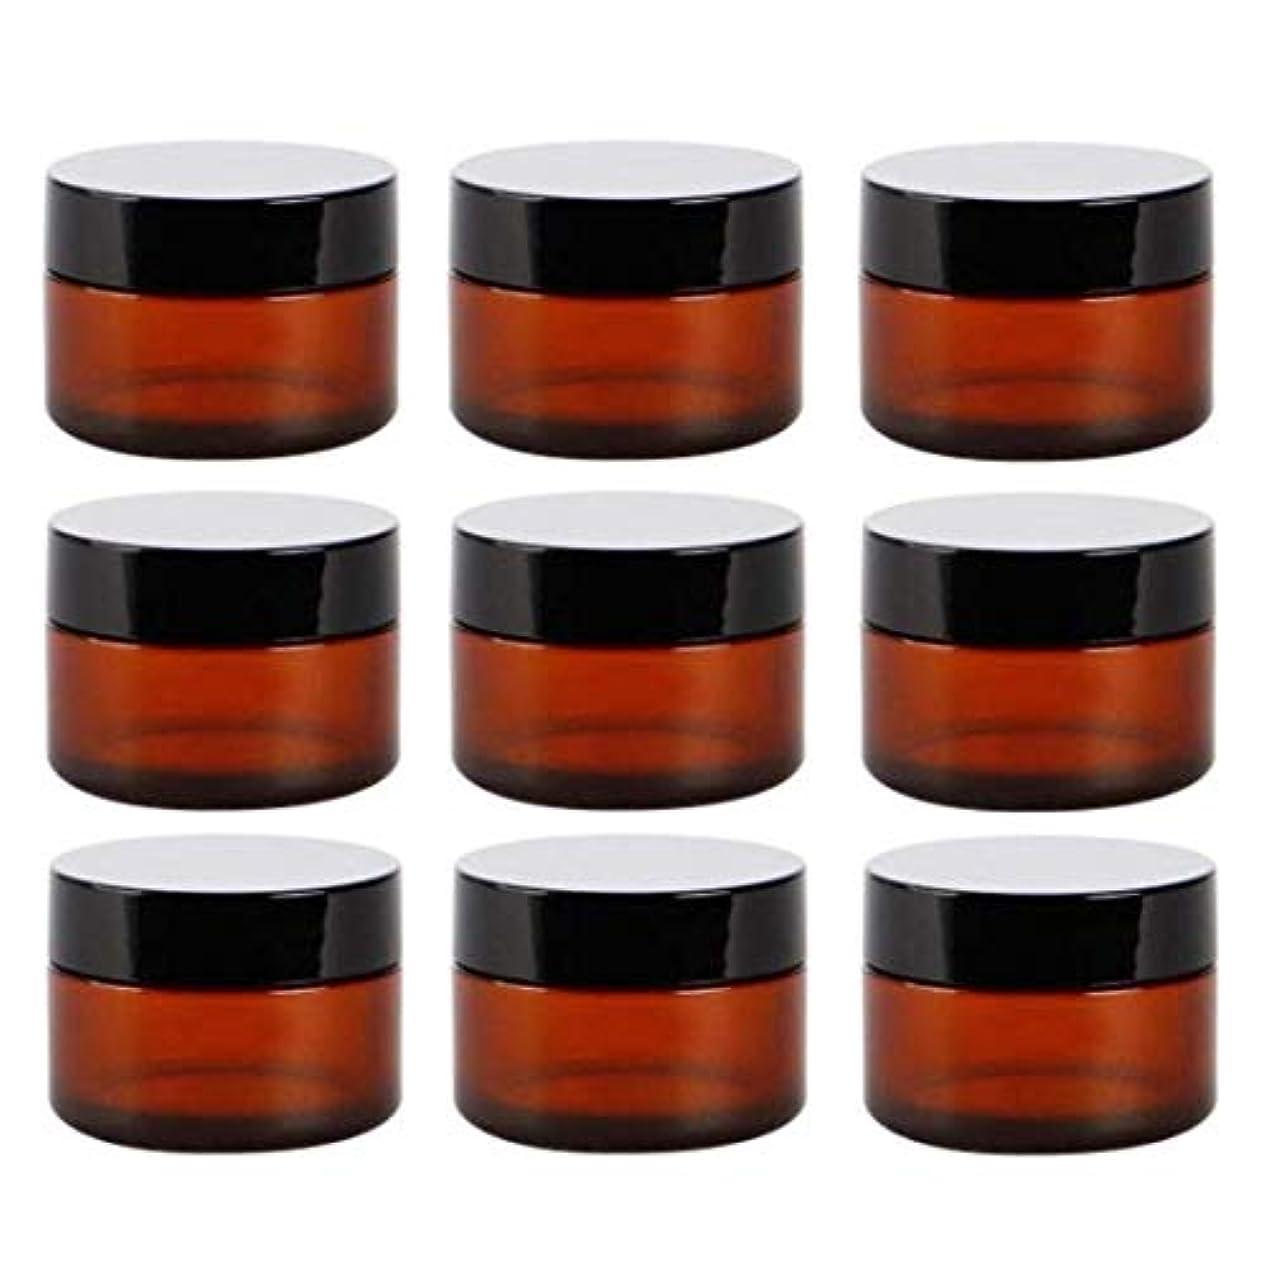 待って舌な姓アロマオイル 精油 香水やアロマの保存 小分け用 遮光瓶 詰替え ガラス製 9本セット茶色10g